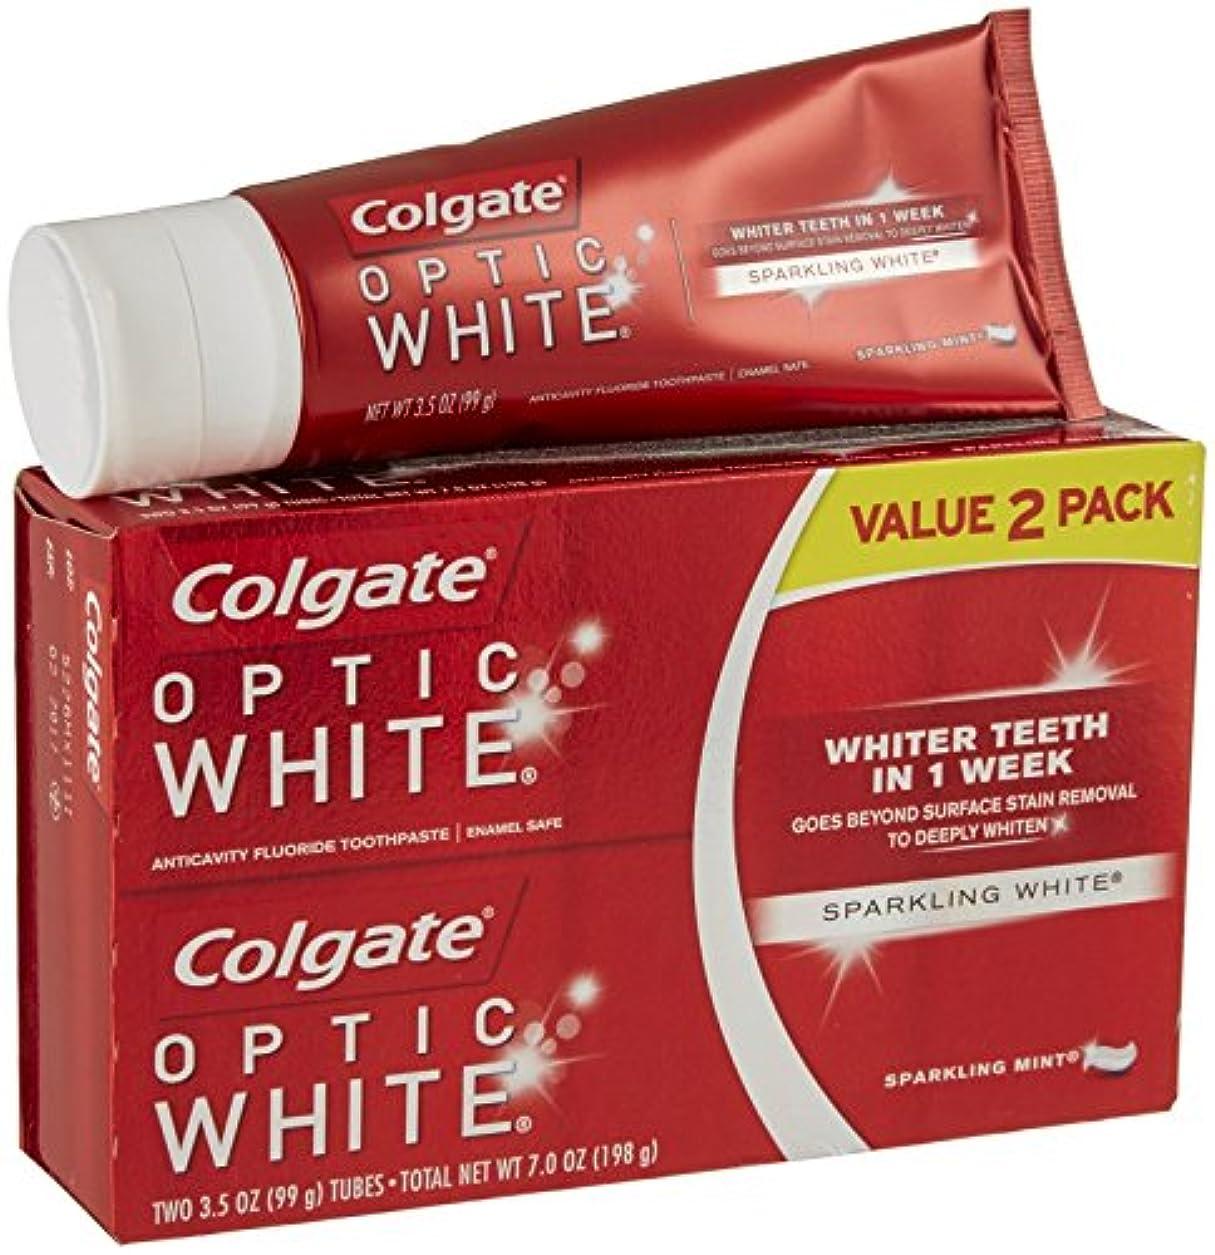 症候群ご注意隔離コルゲート オプティック ホワイト スパークリングミント 99g 2個パック